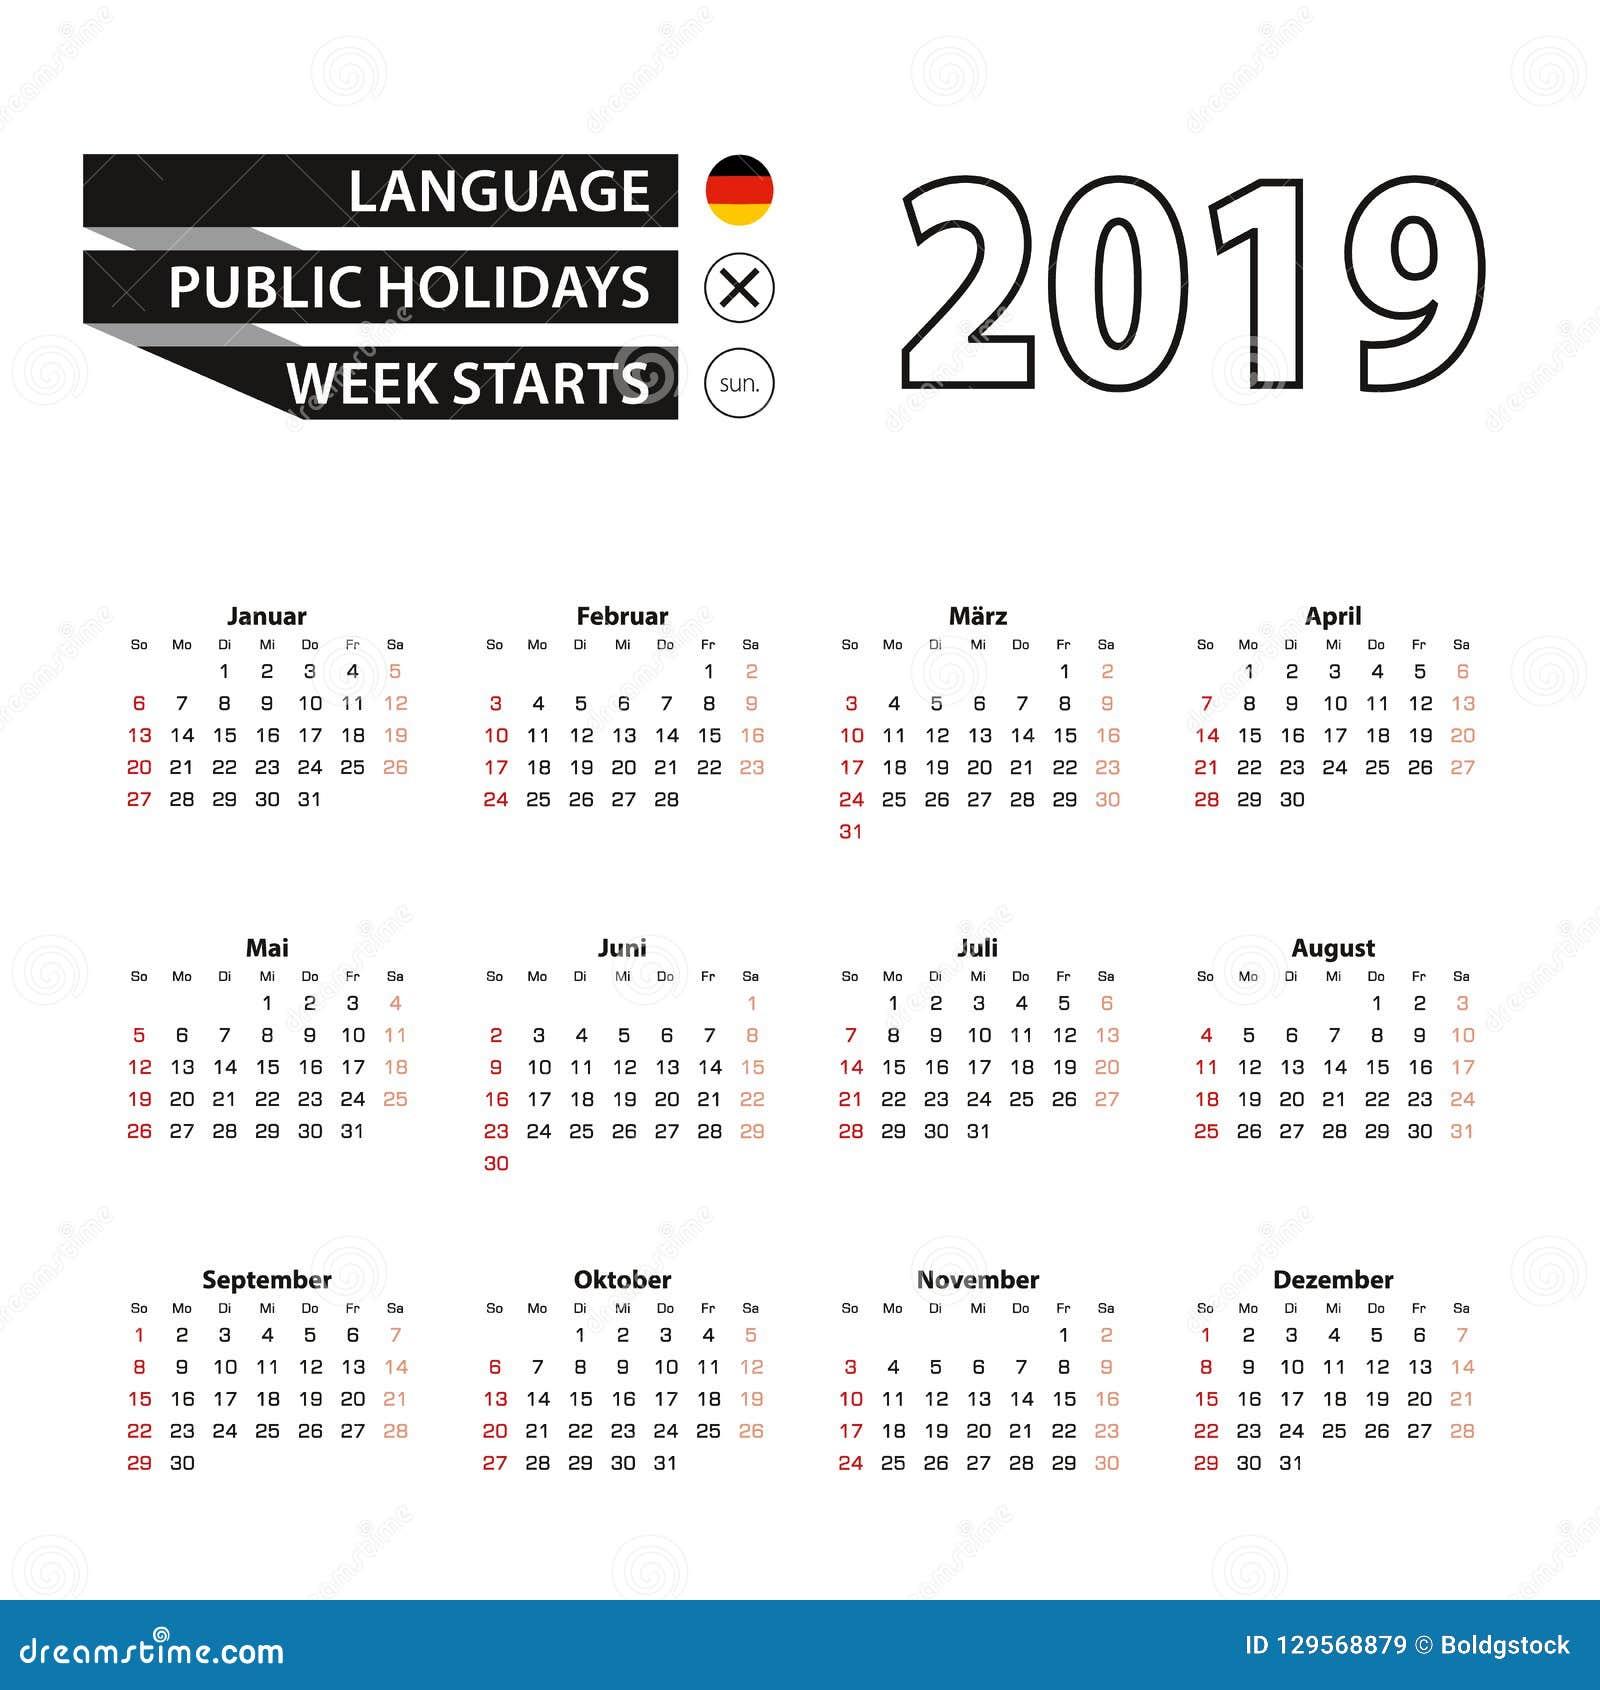 Semana Calendario.Calendario 2019 En La Lengua Alemana Comienzo De La Semana De